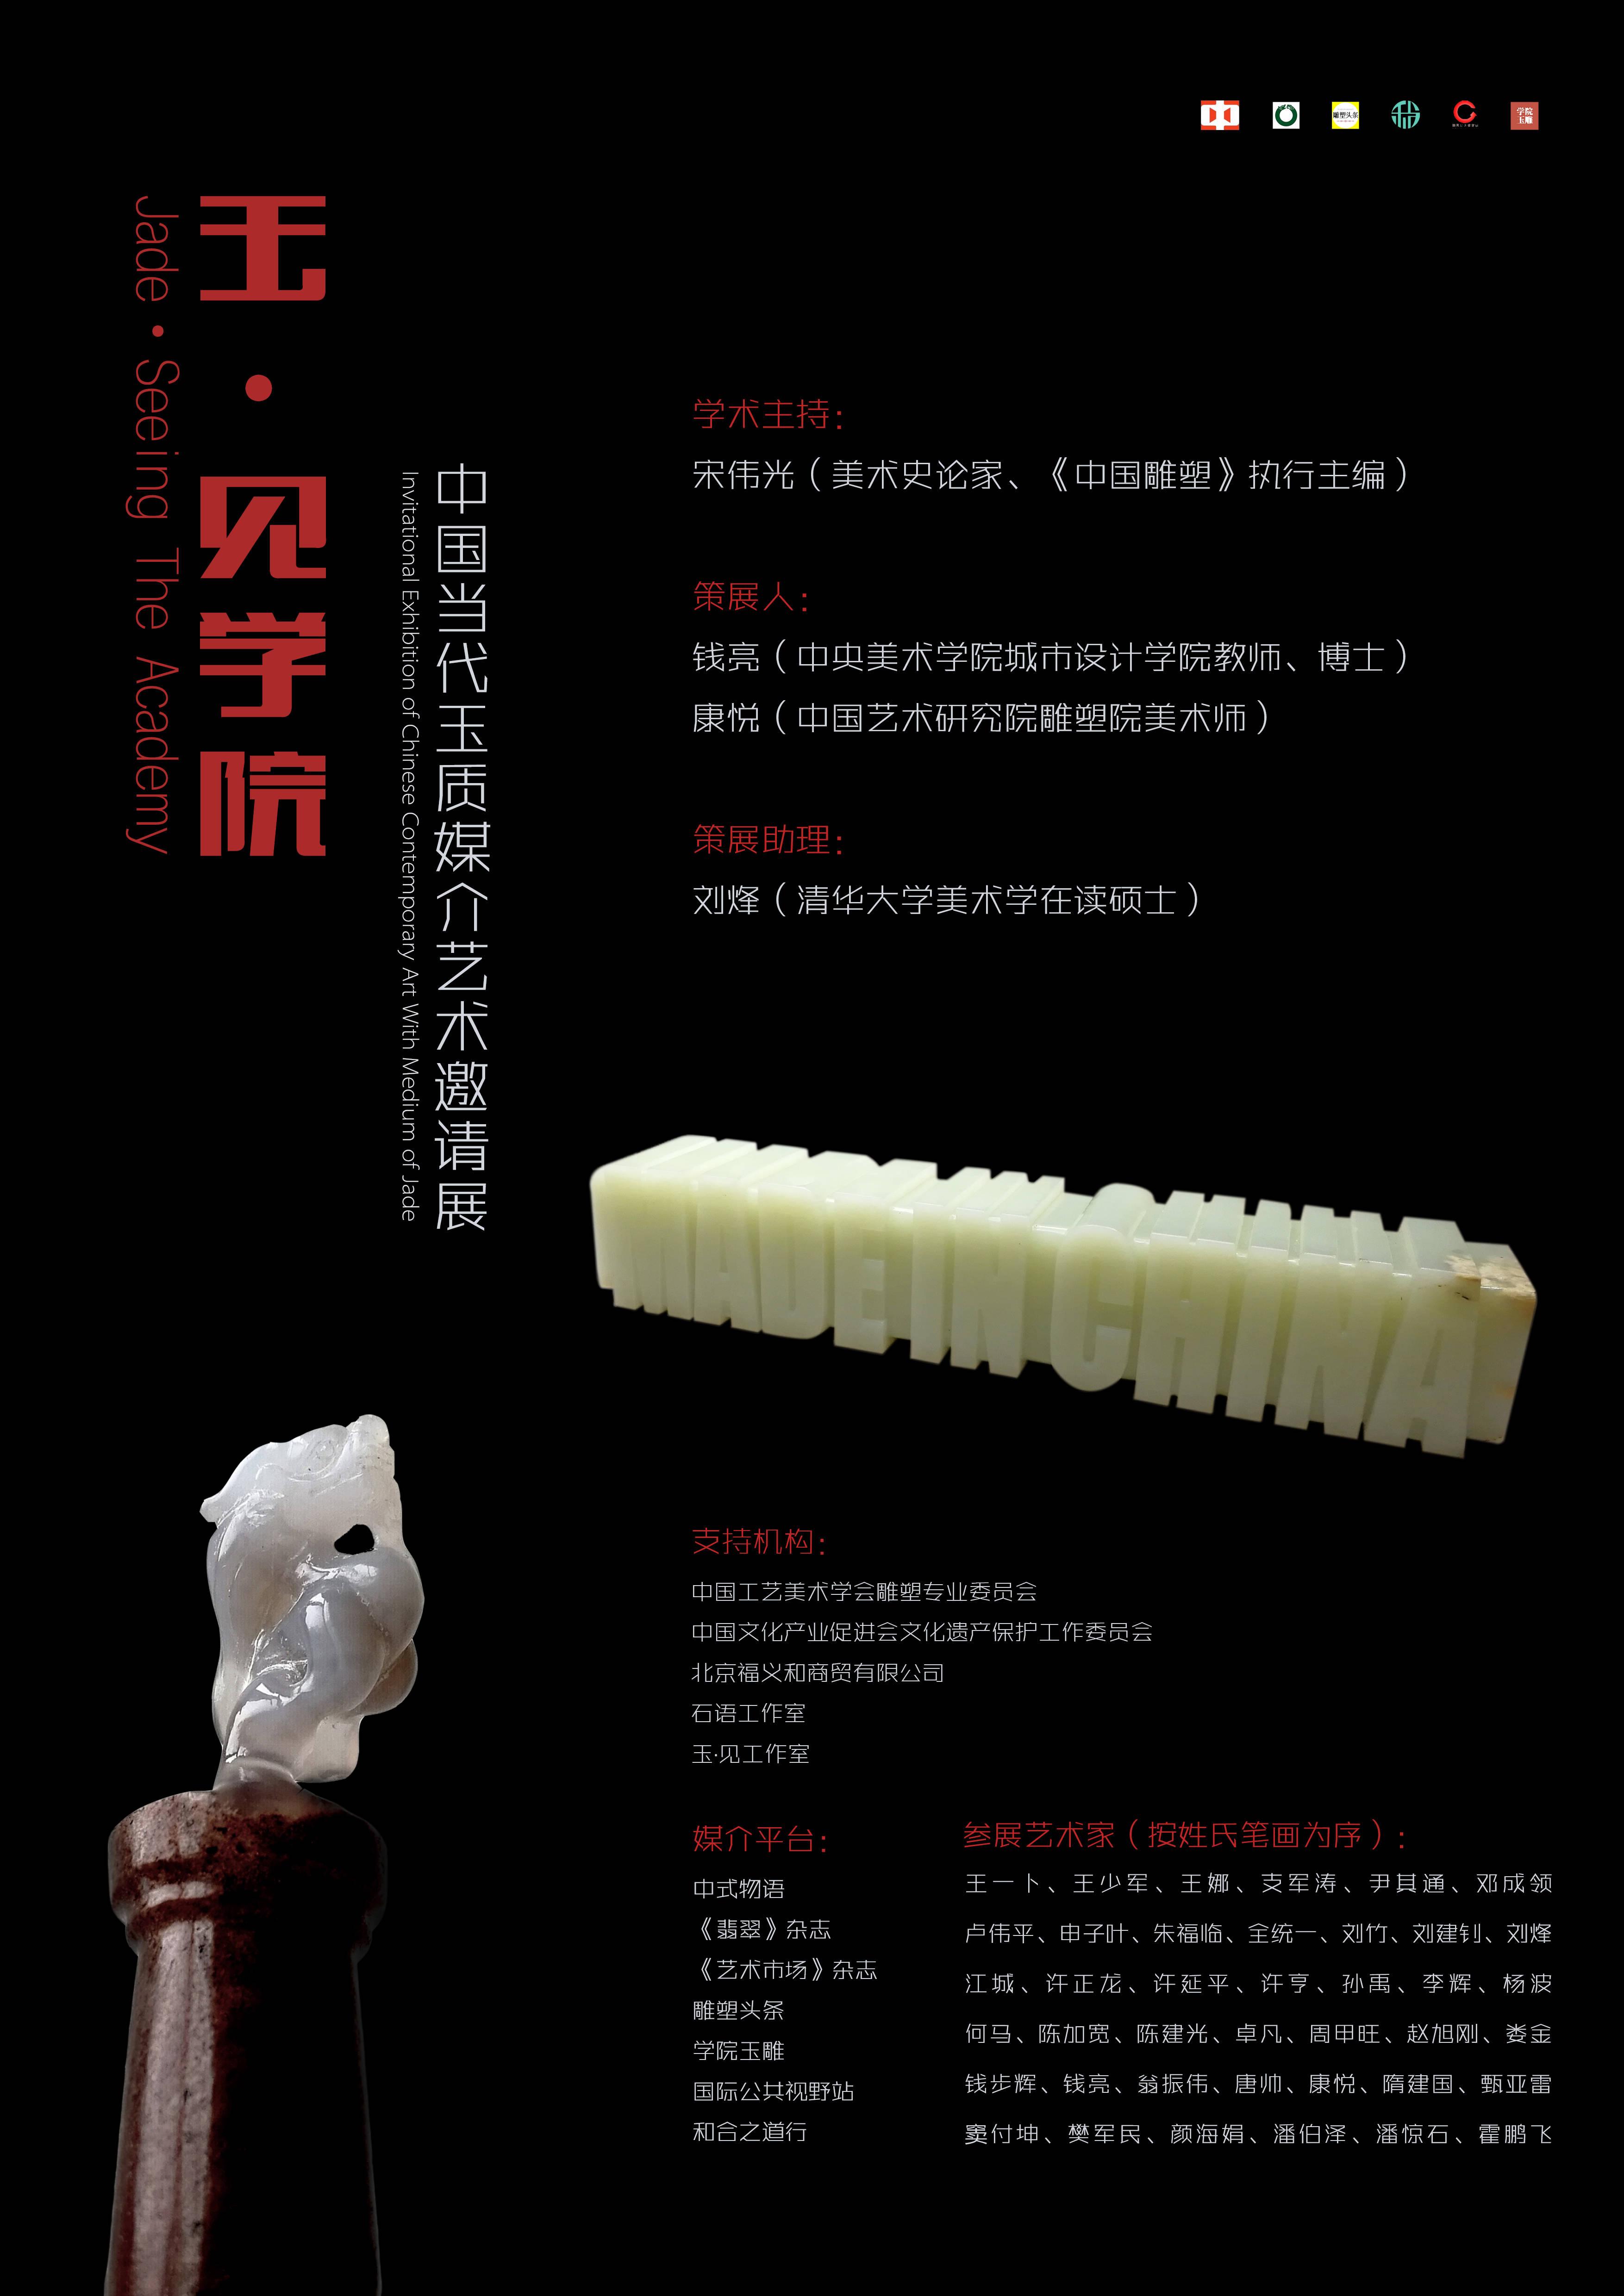 【展讯】玉·见学院——中国当代玉质媒介艺术邀请展